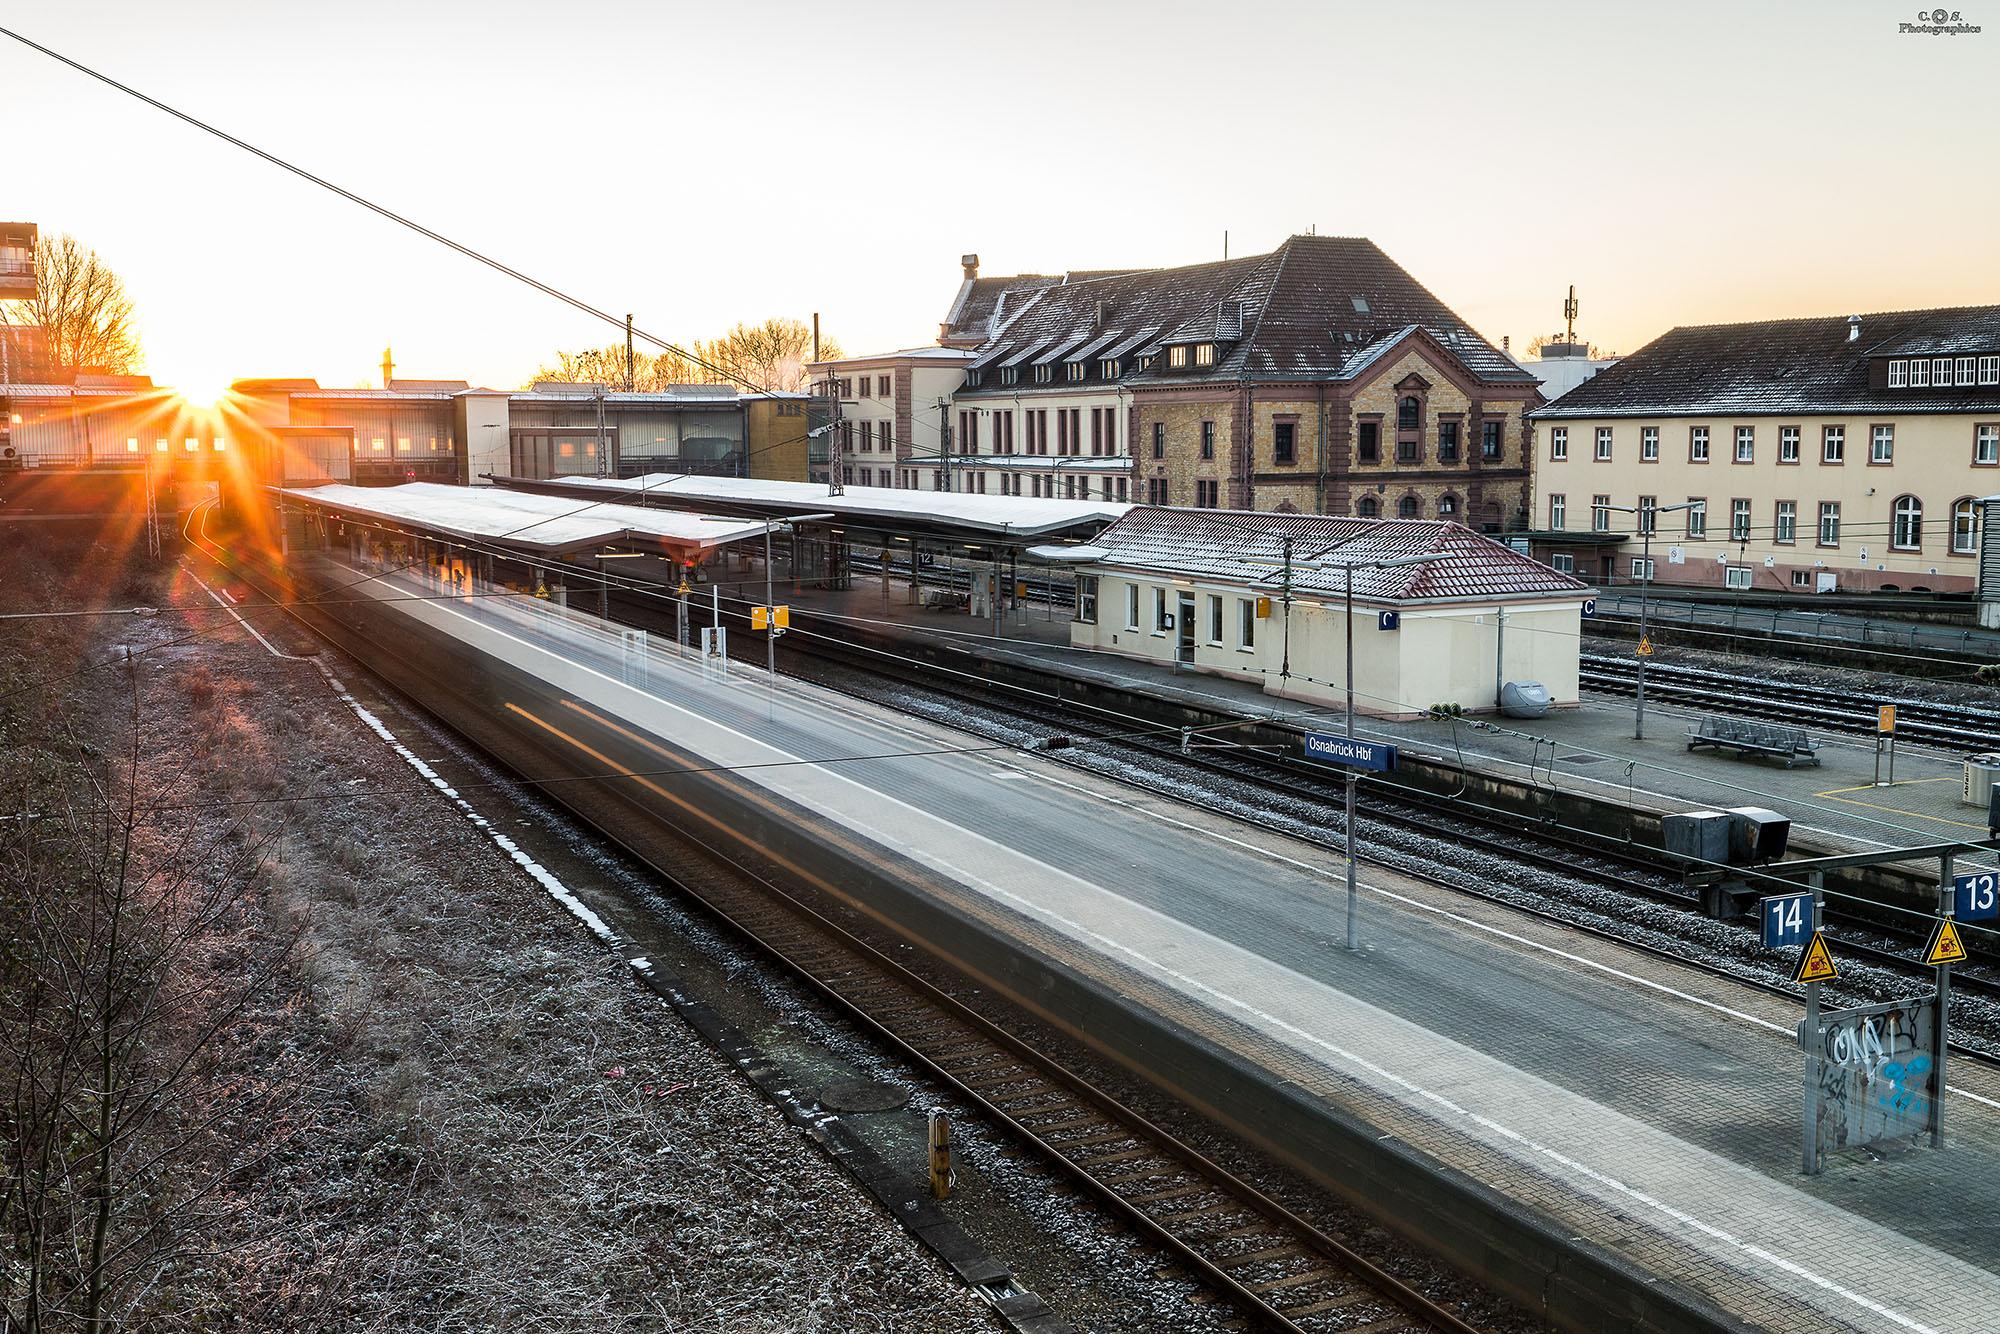 Osnabrück Hauptbahnhof, Germany